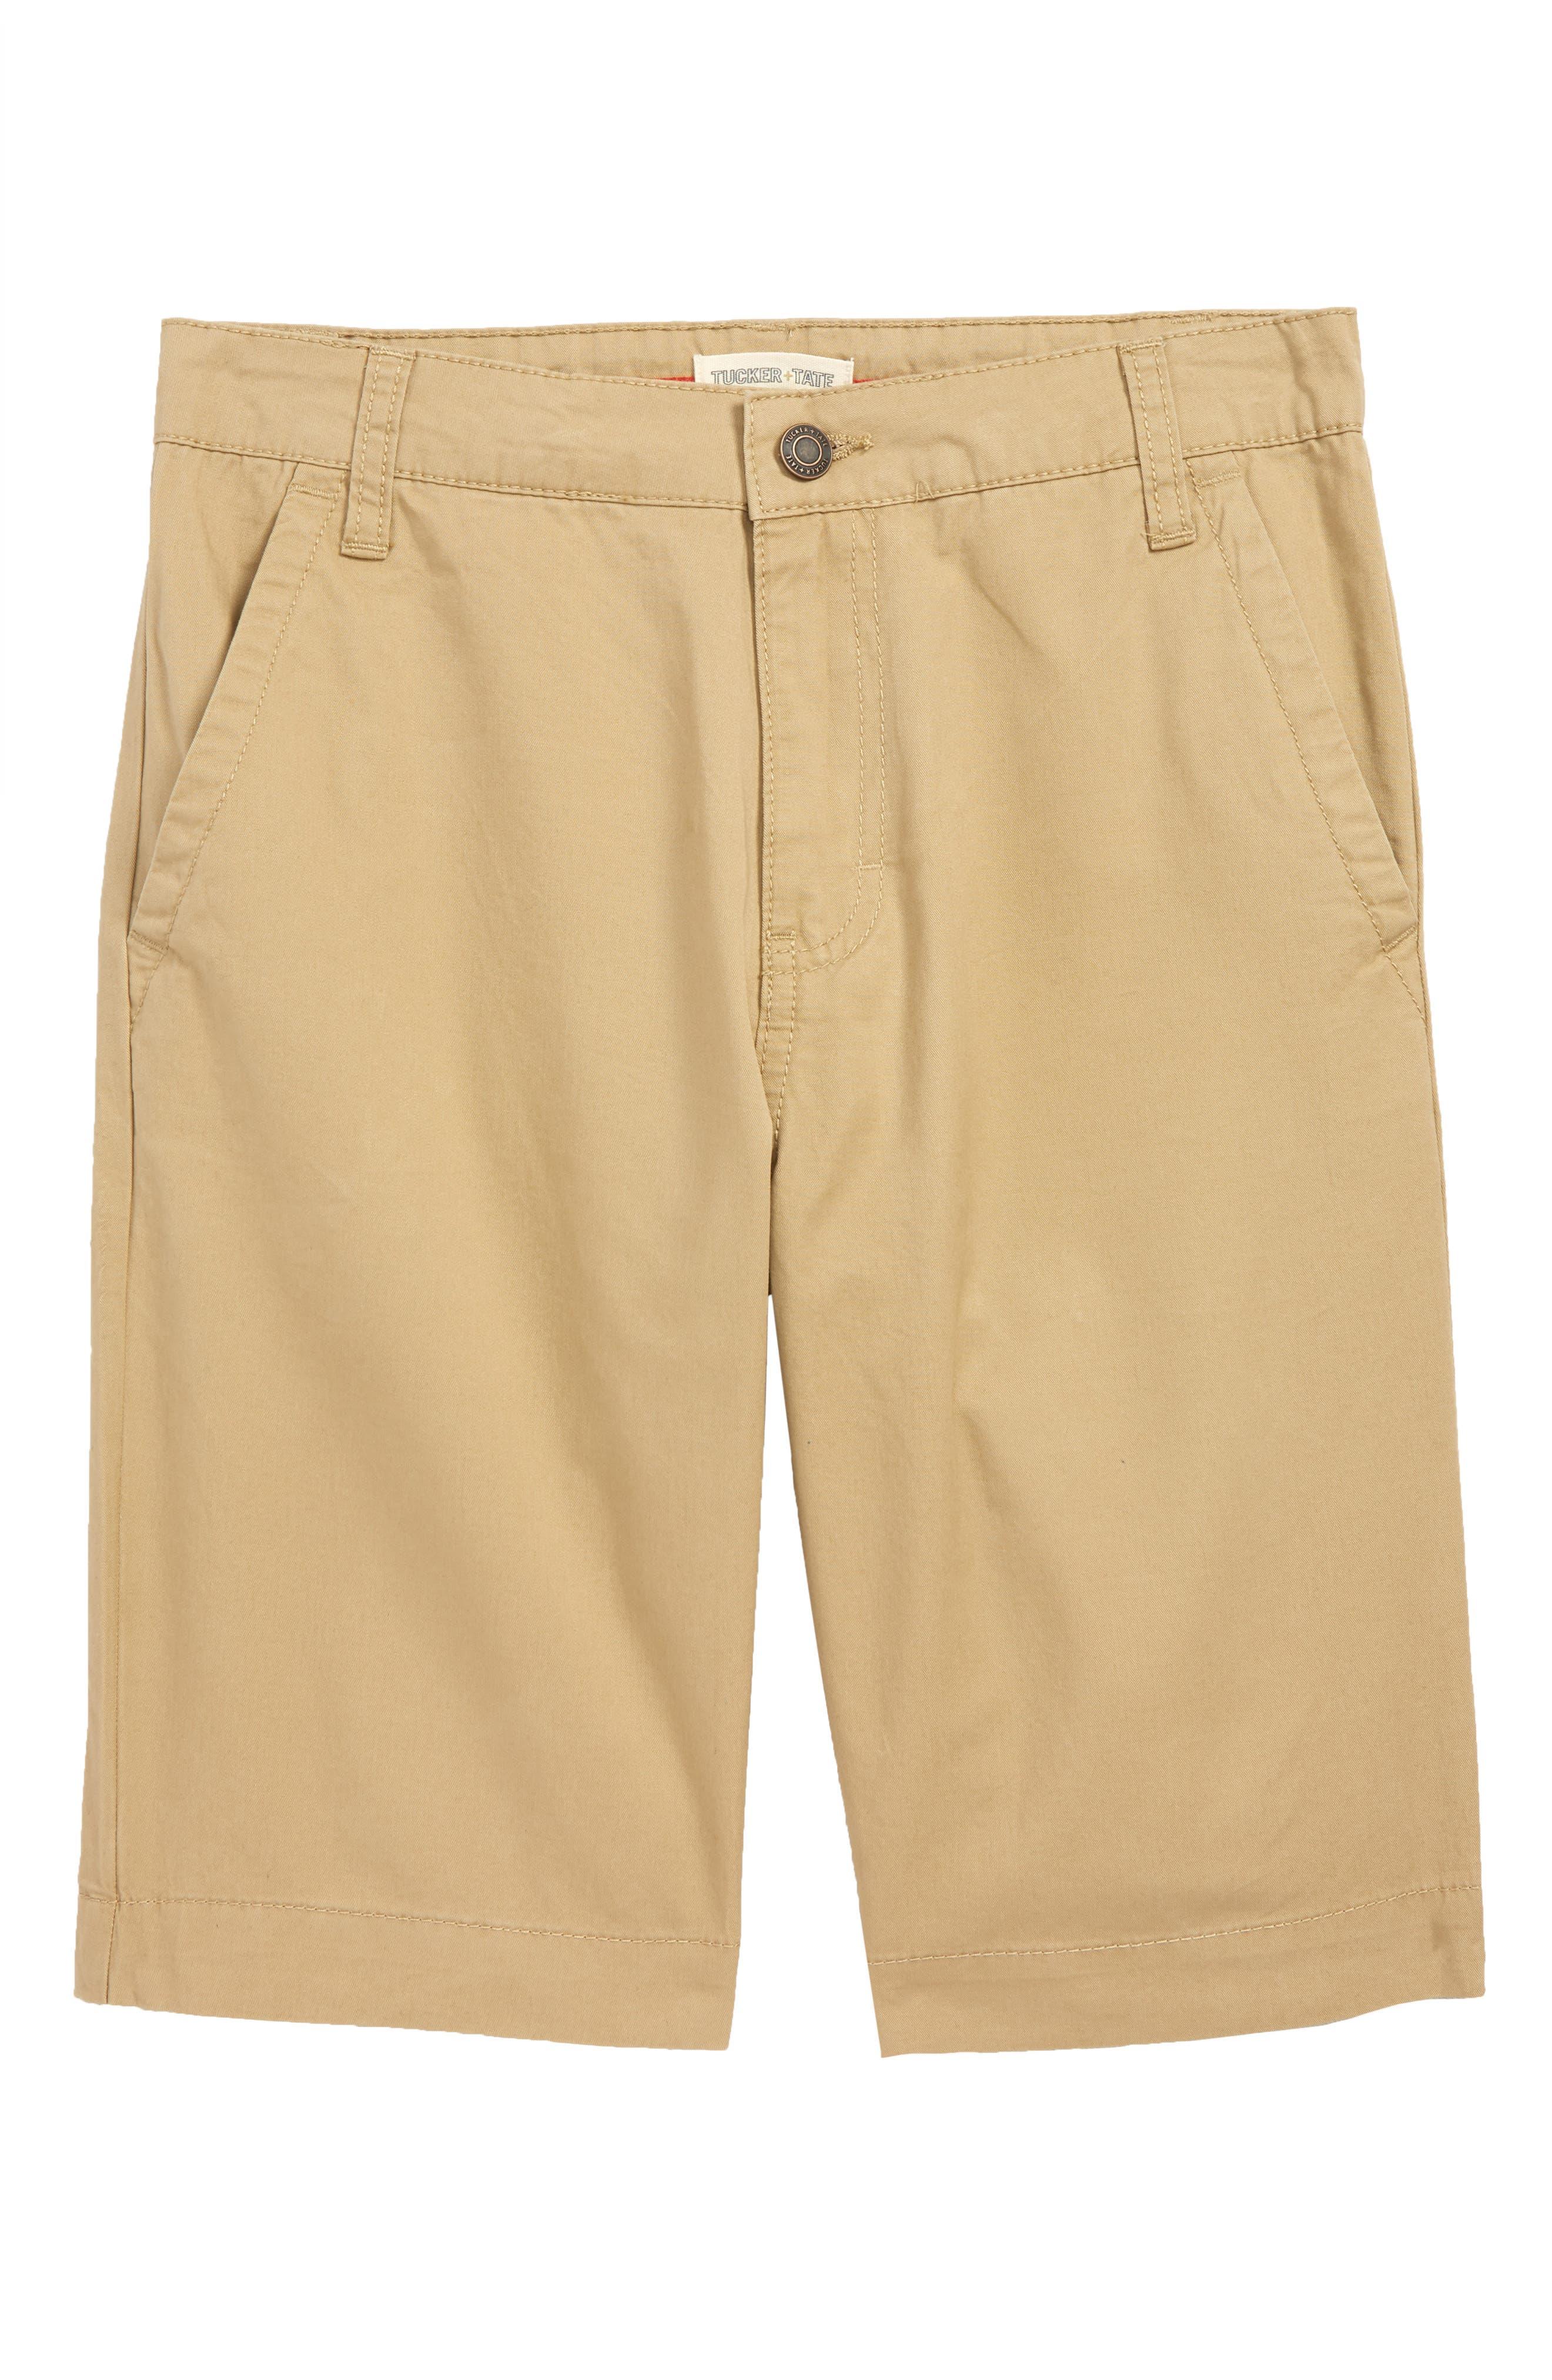 TUCKER + TATE, Chino Shorts, Main thumbnail 1, color, 230